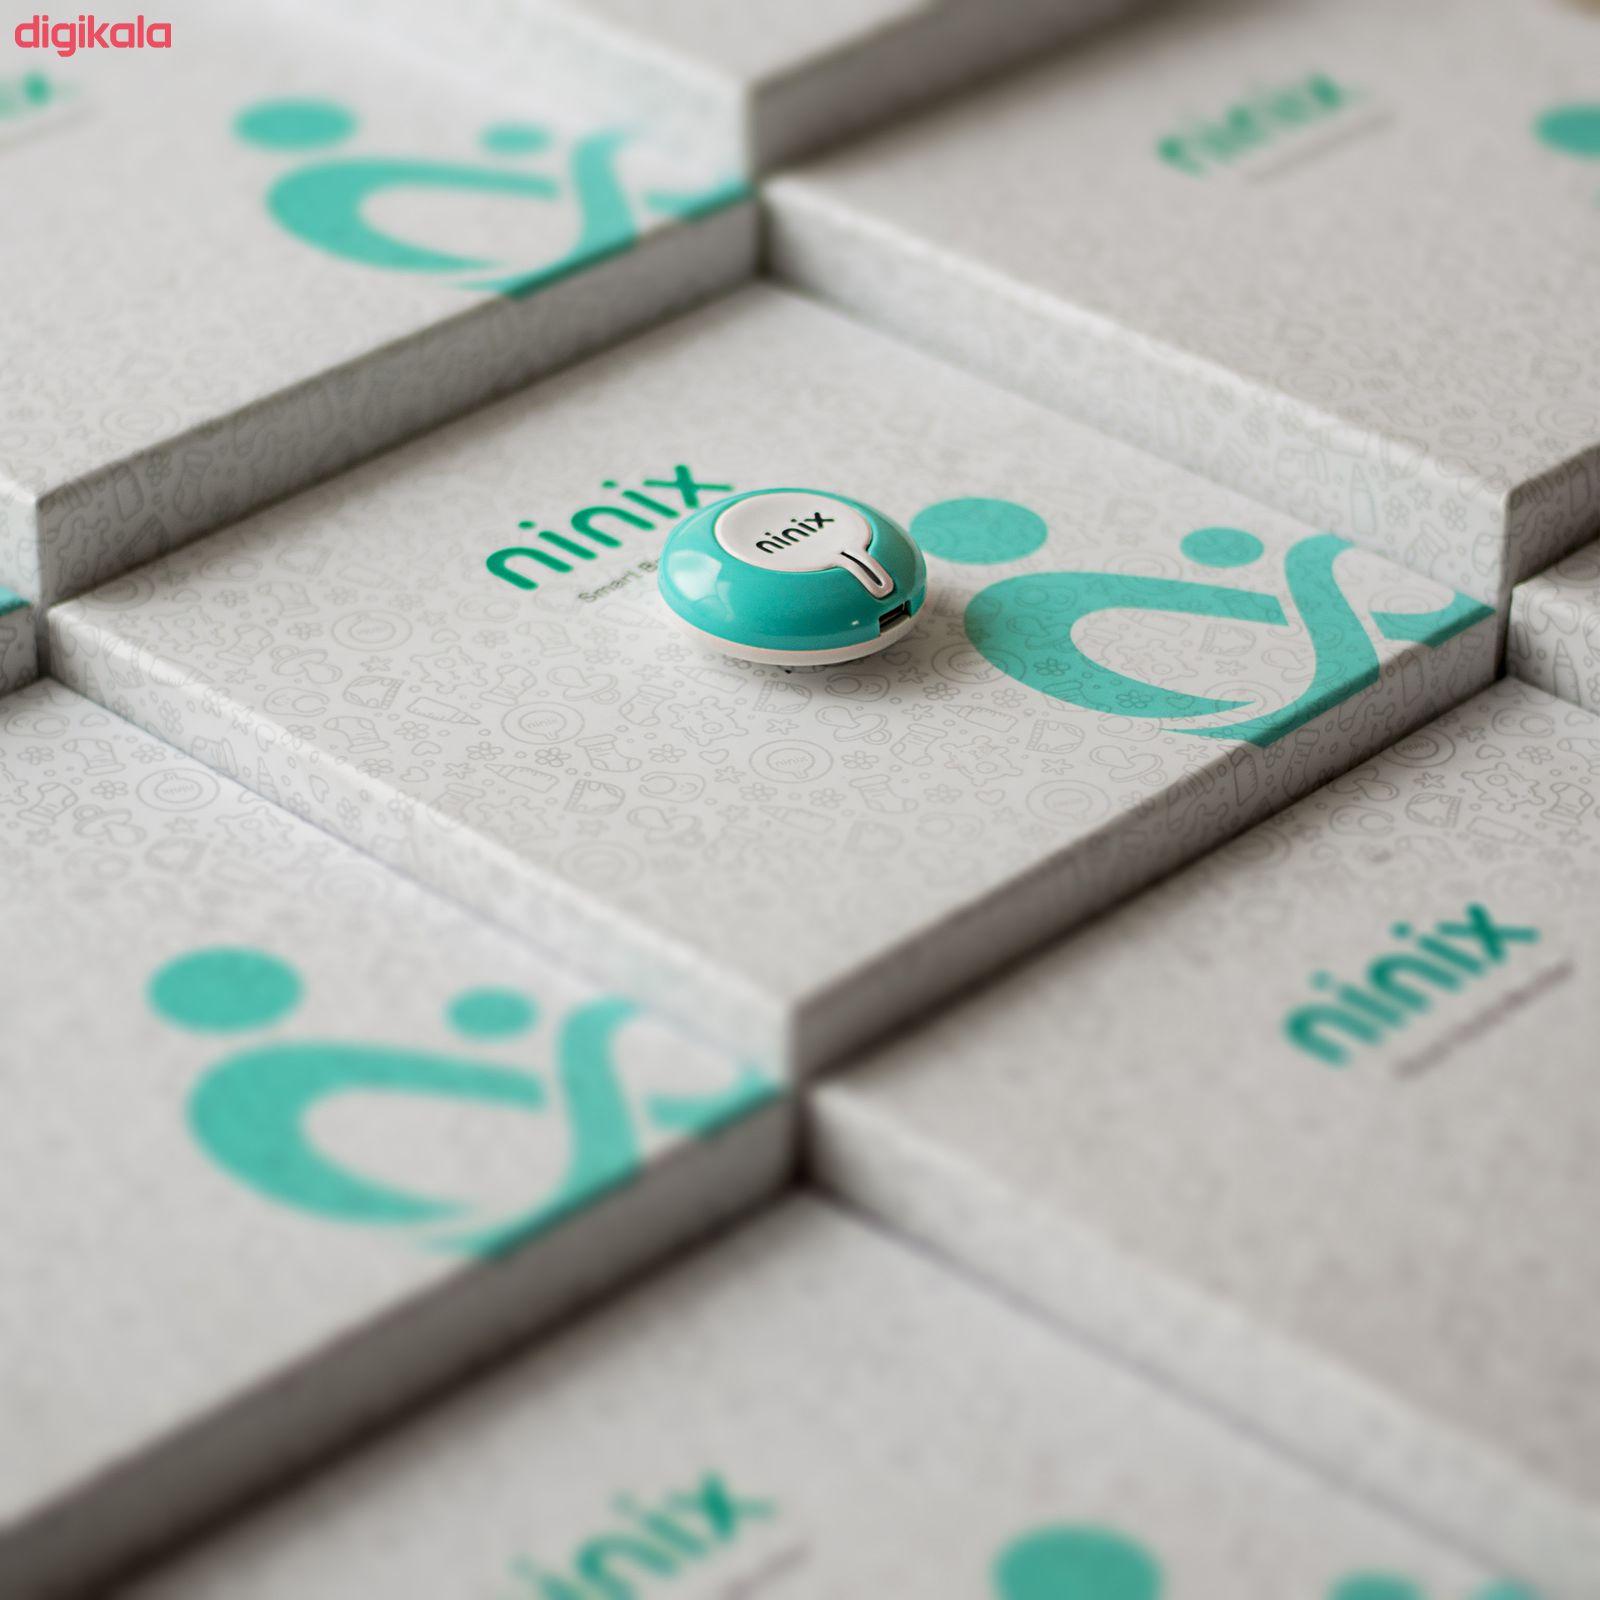 دستگاه هوشمند سلامت کودک نینیکس  main 1 3